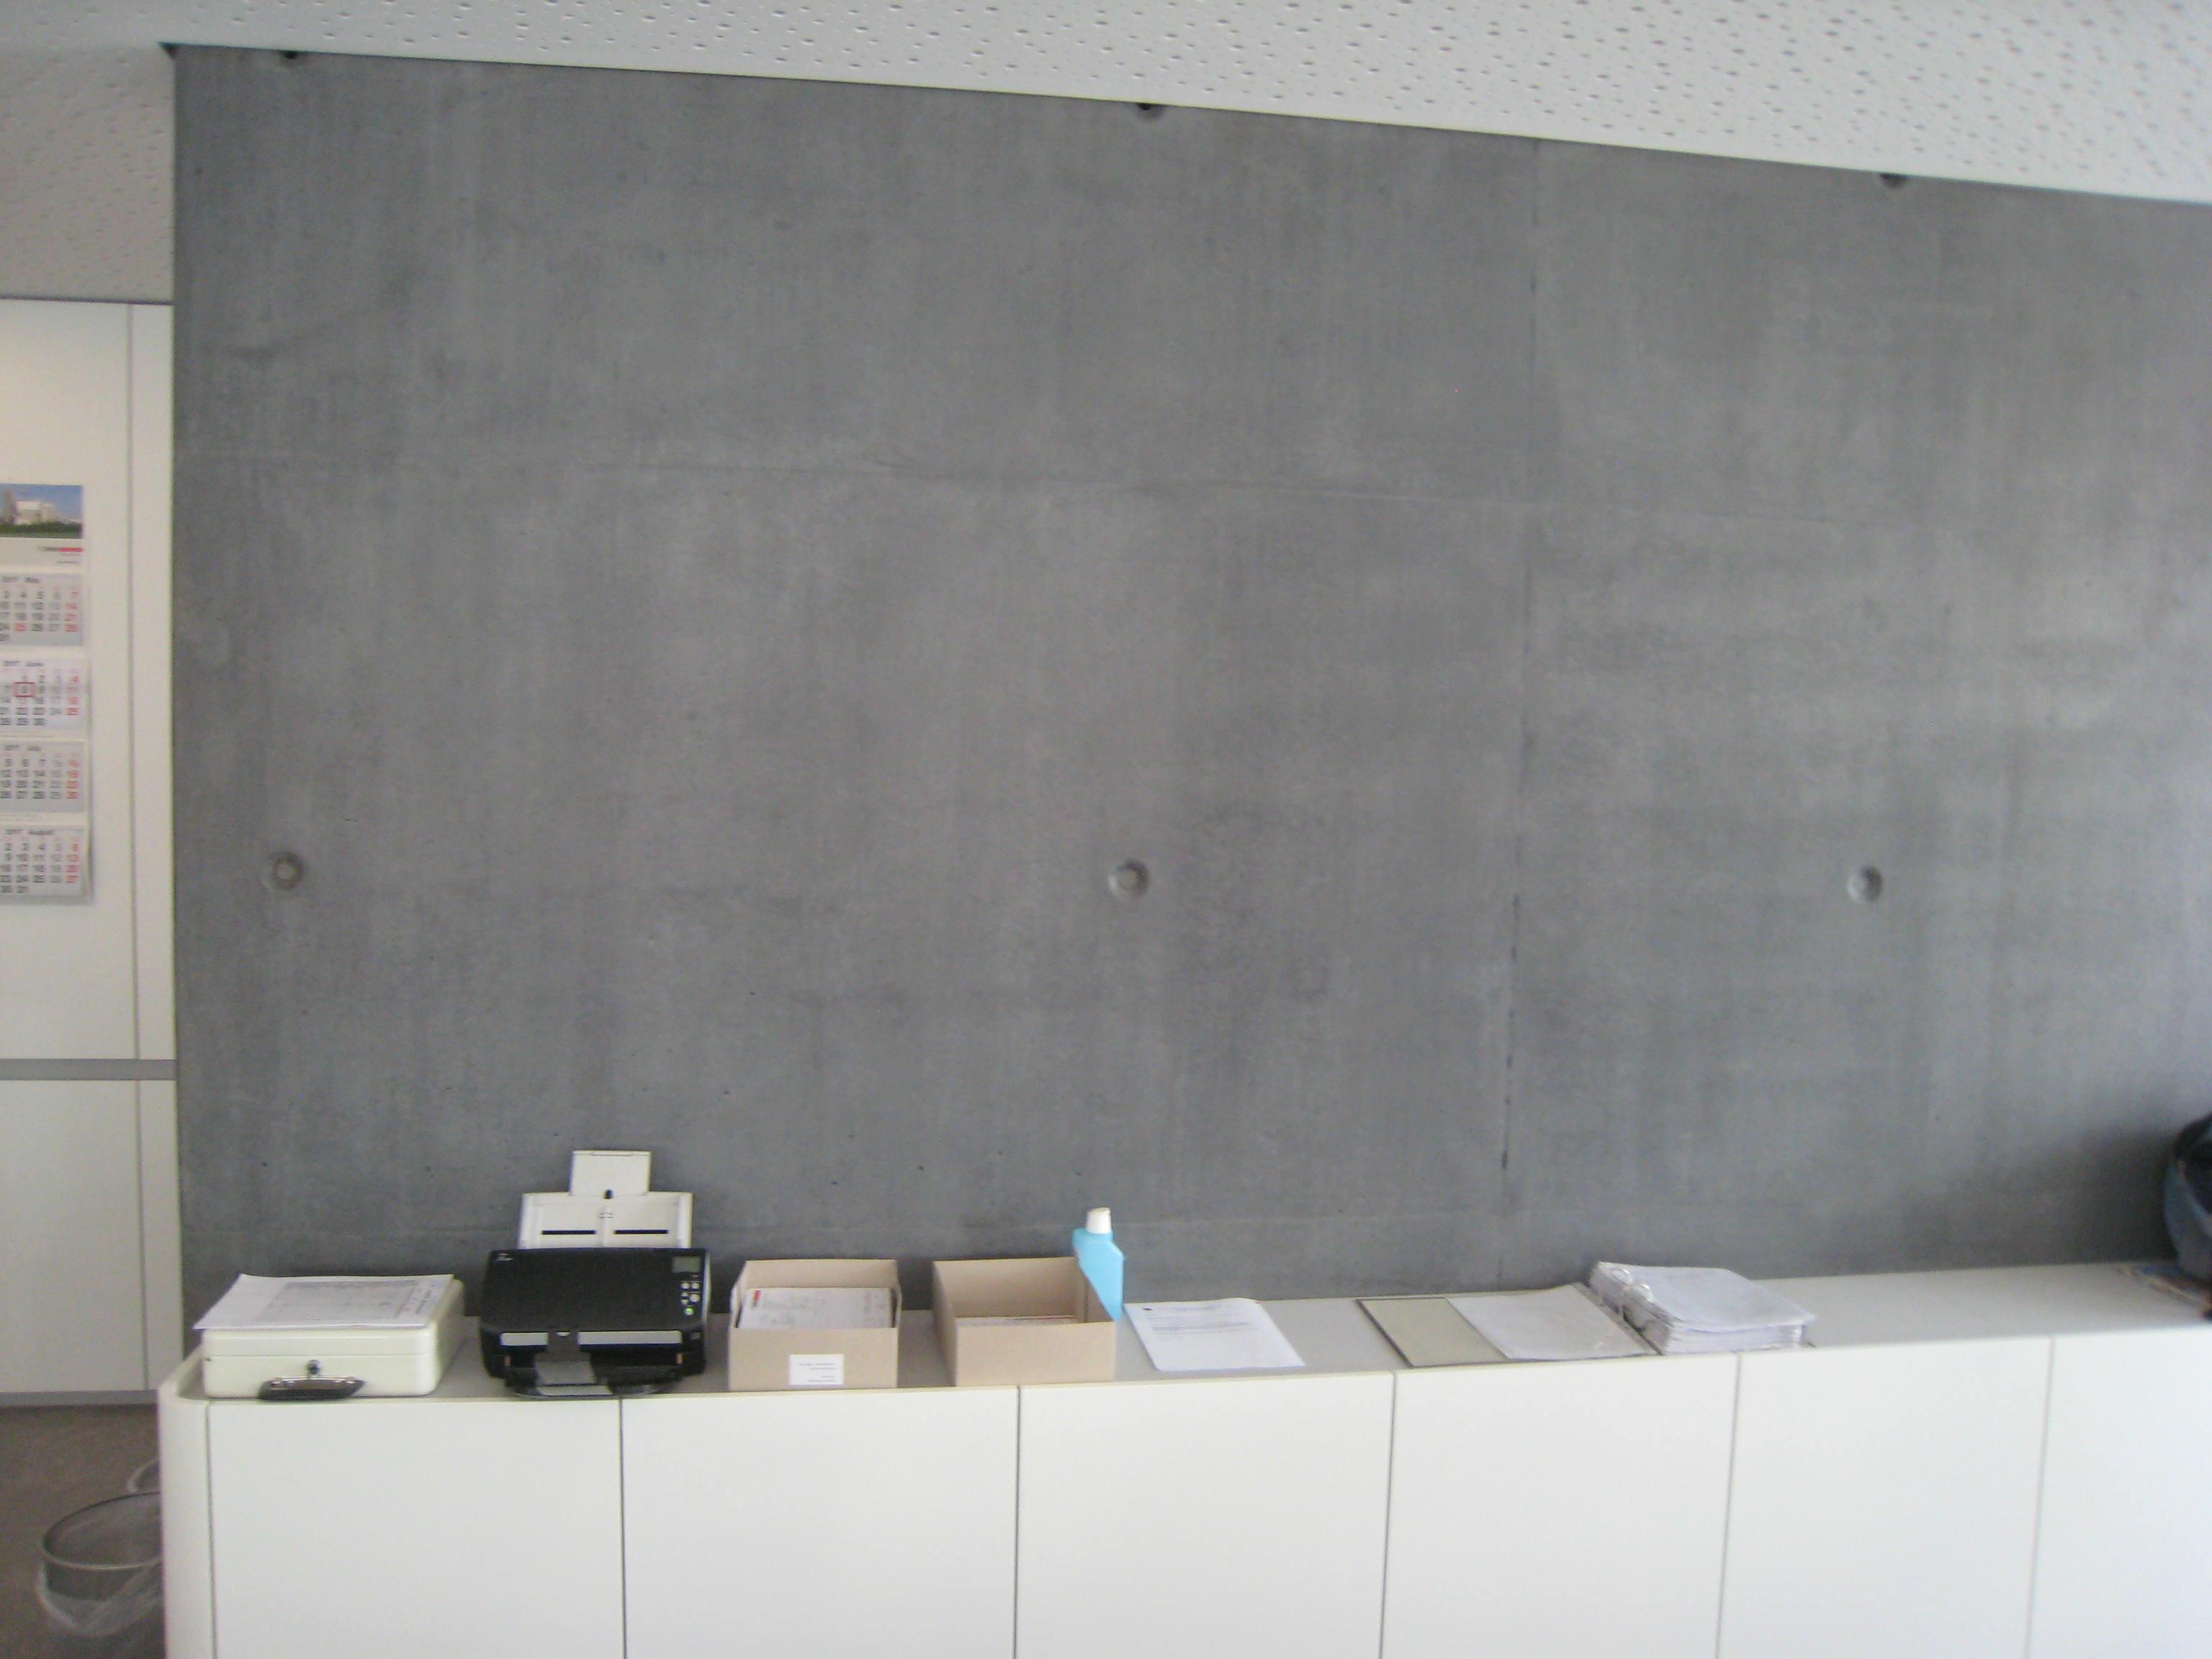 Unkategorisiert Archives - SCHWENK